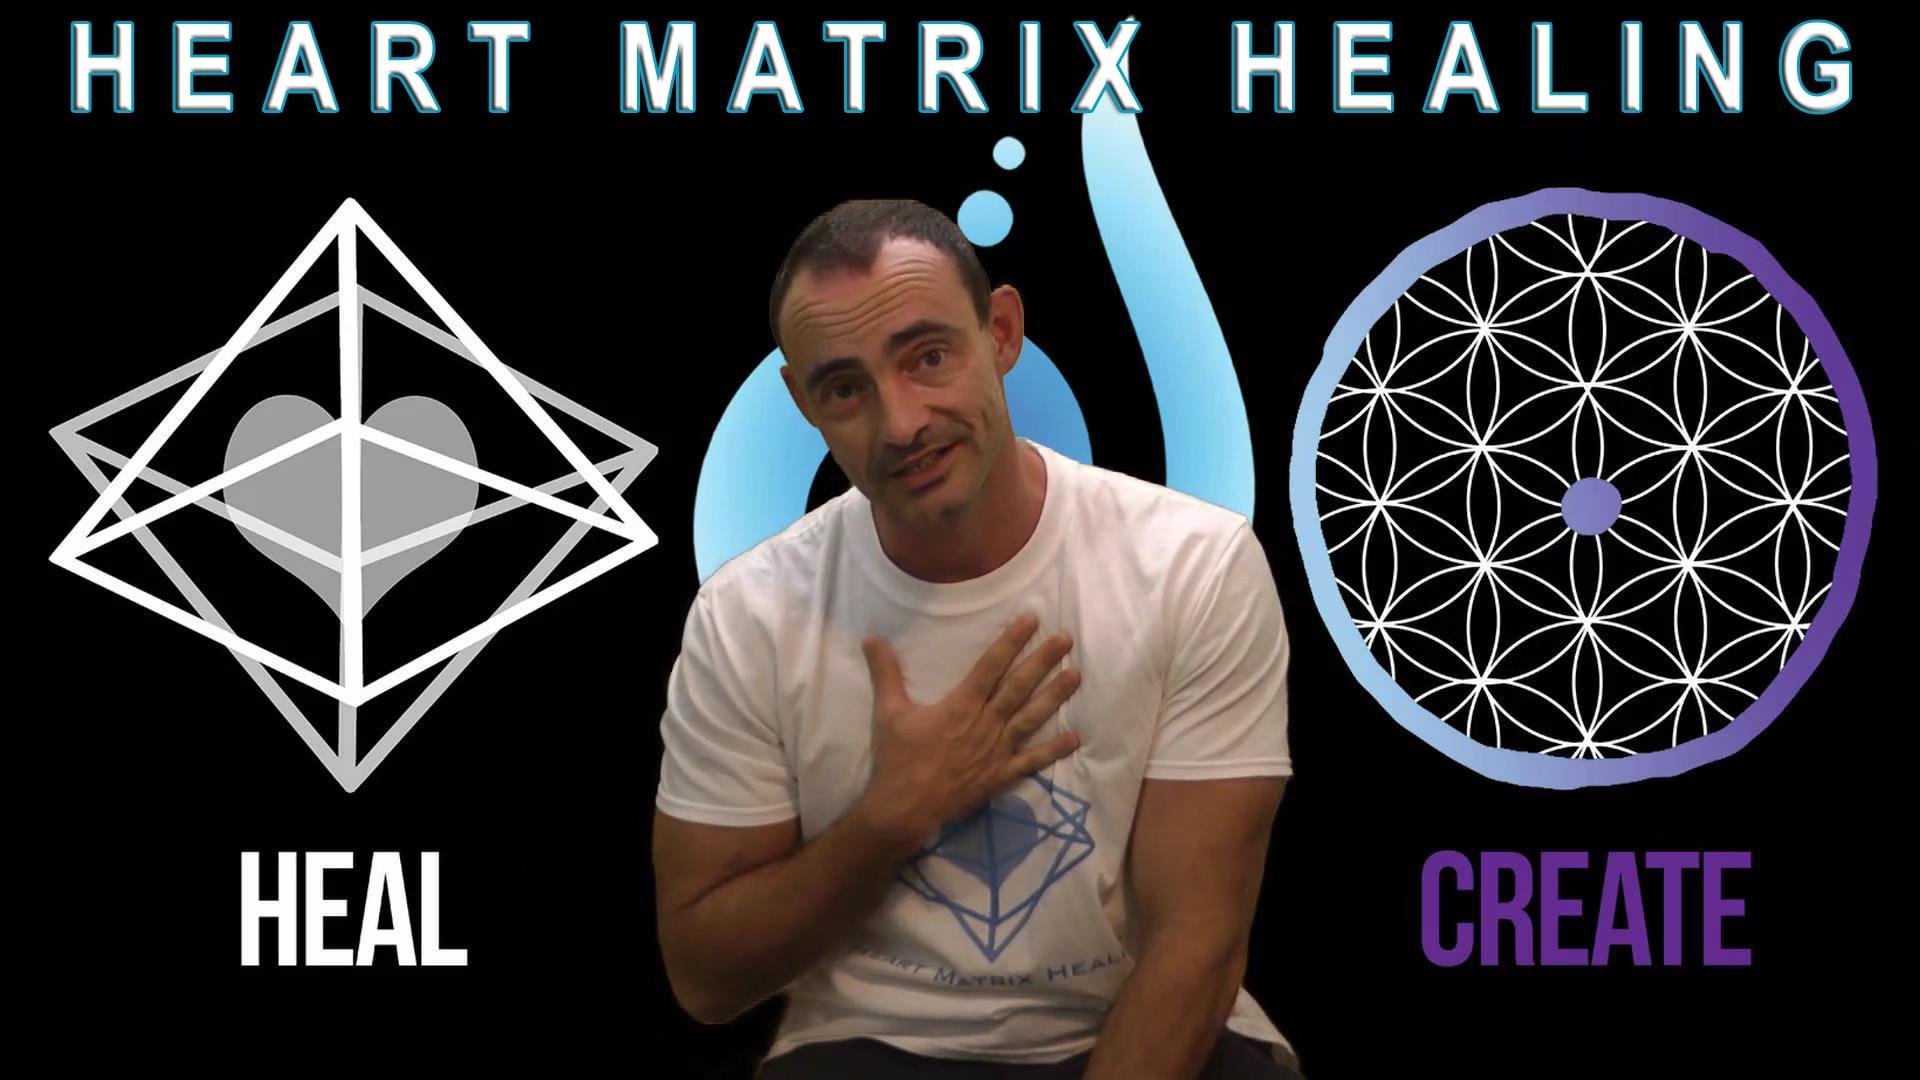 Heart Matrix Healing – Part 2